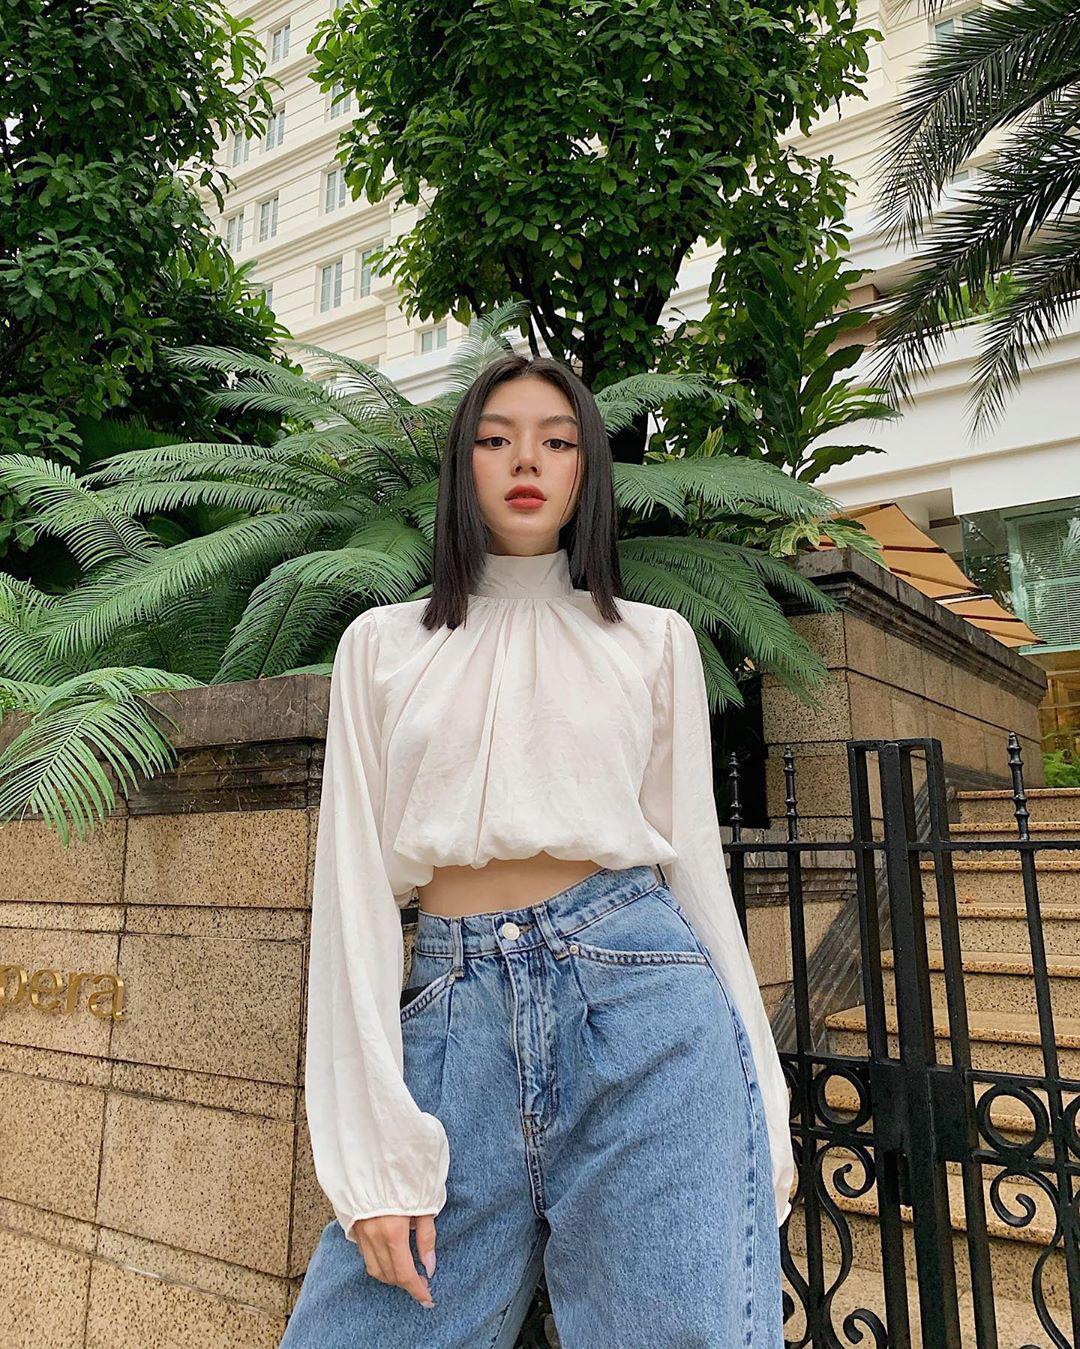 """Cùng diện áo blouse bánh bèo: Lisa """"dừ"""" hơn bình thường, Seo Ye Ji dịu dàng sang chảnh  - Ảnh 11."""